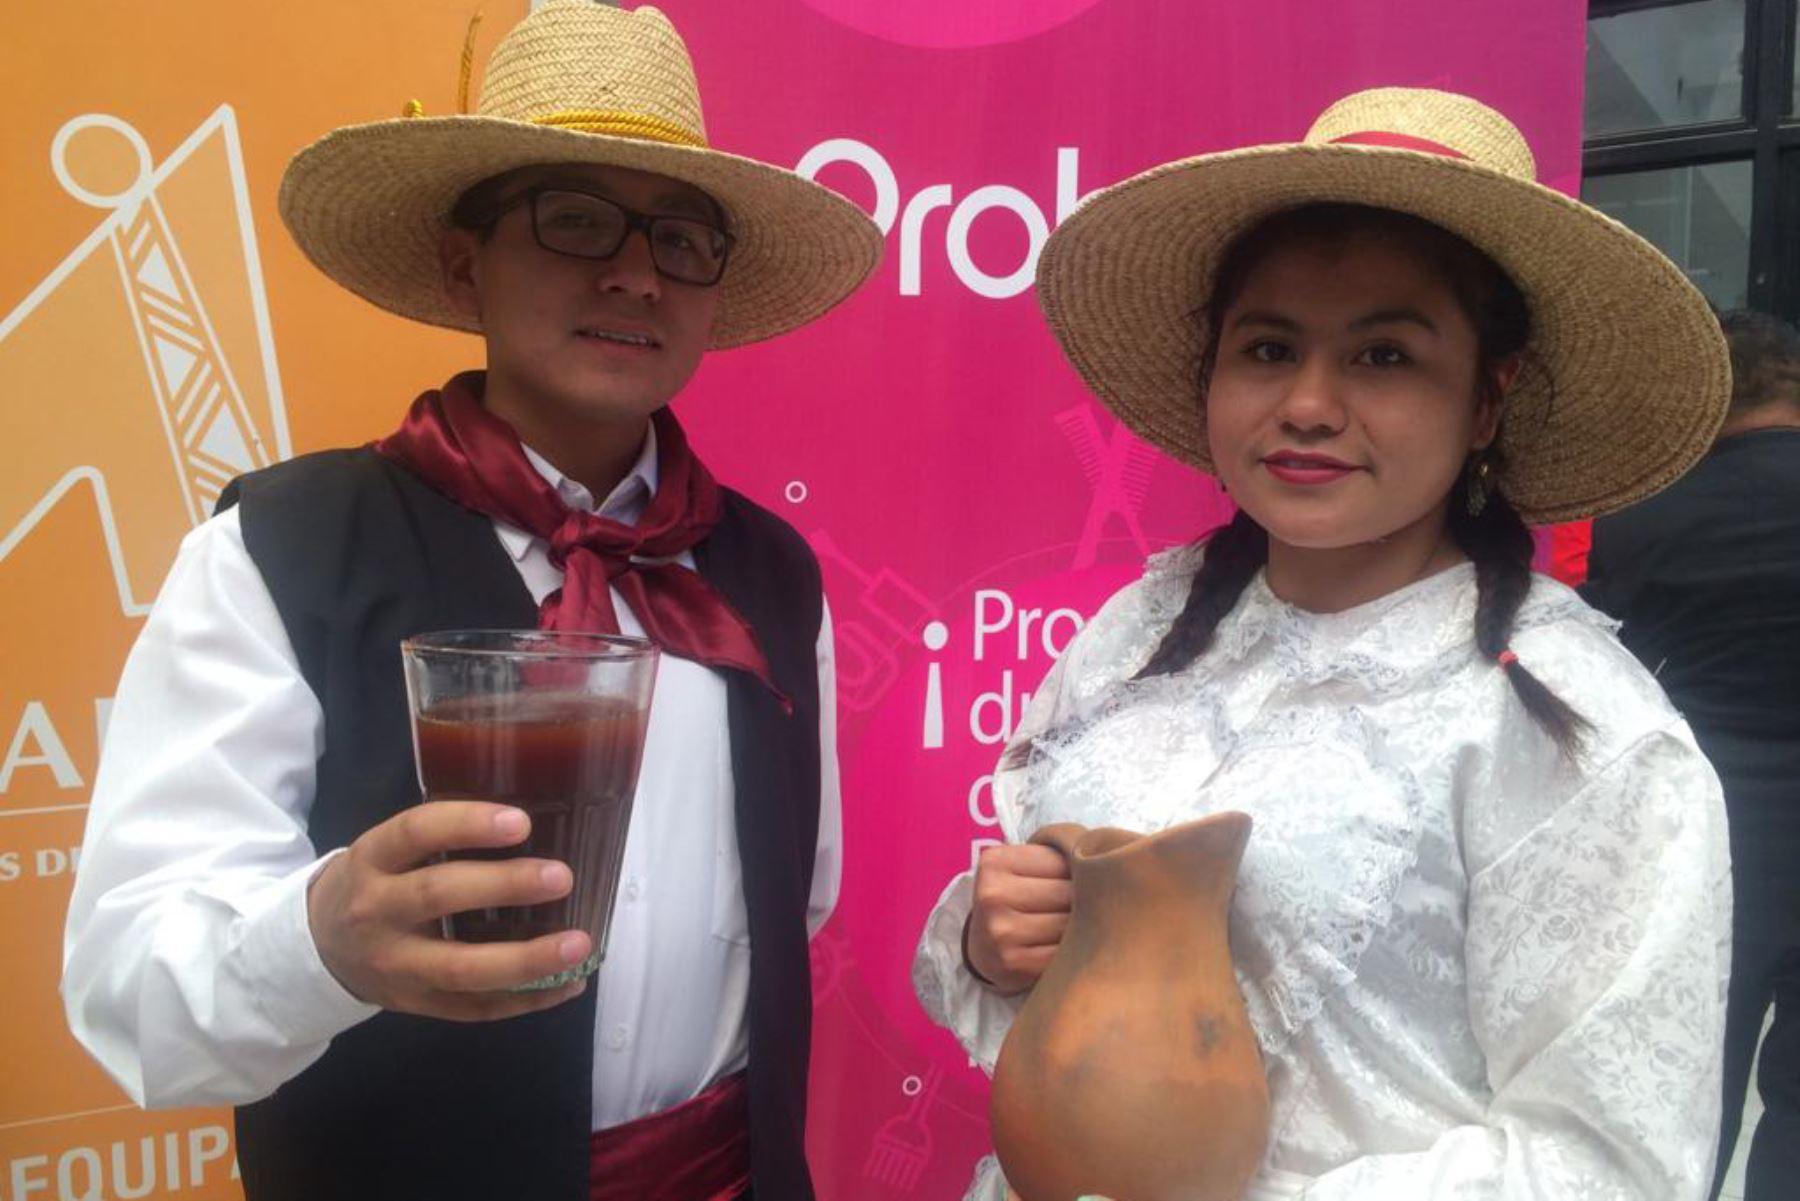 La municipalidad distrital de Uchumayo (Arequipa) ha organizado el XXVII Festival del Chimbango para el 7 de julio.